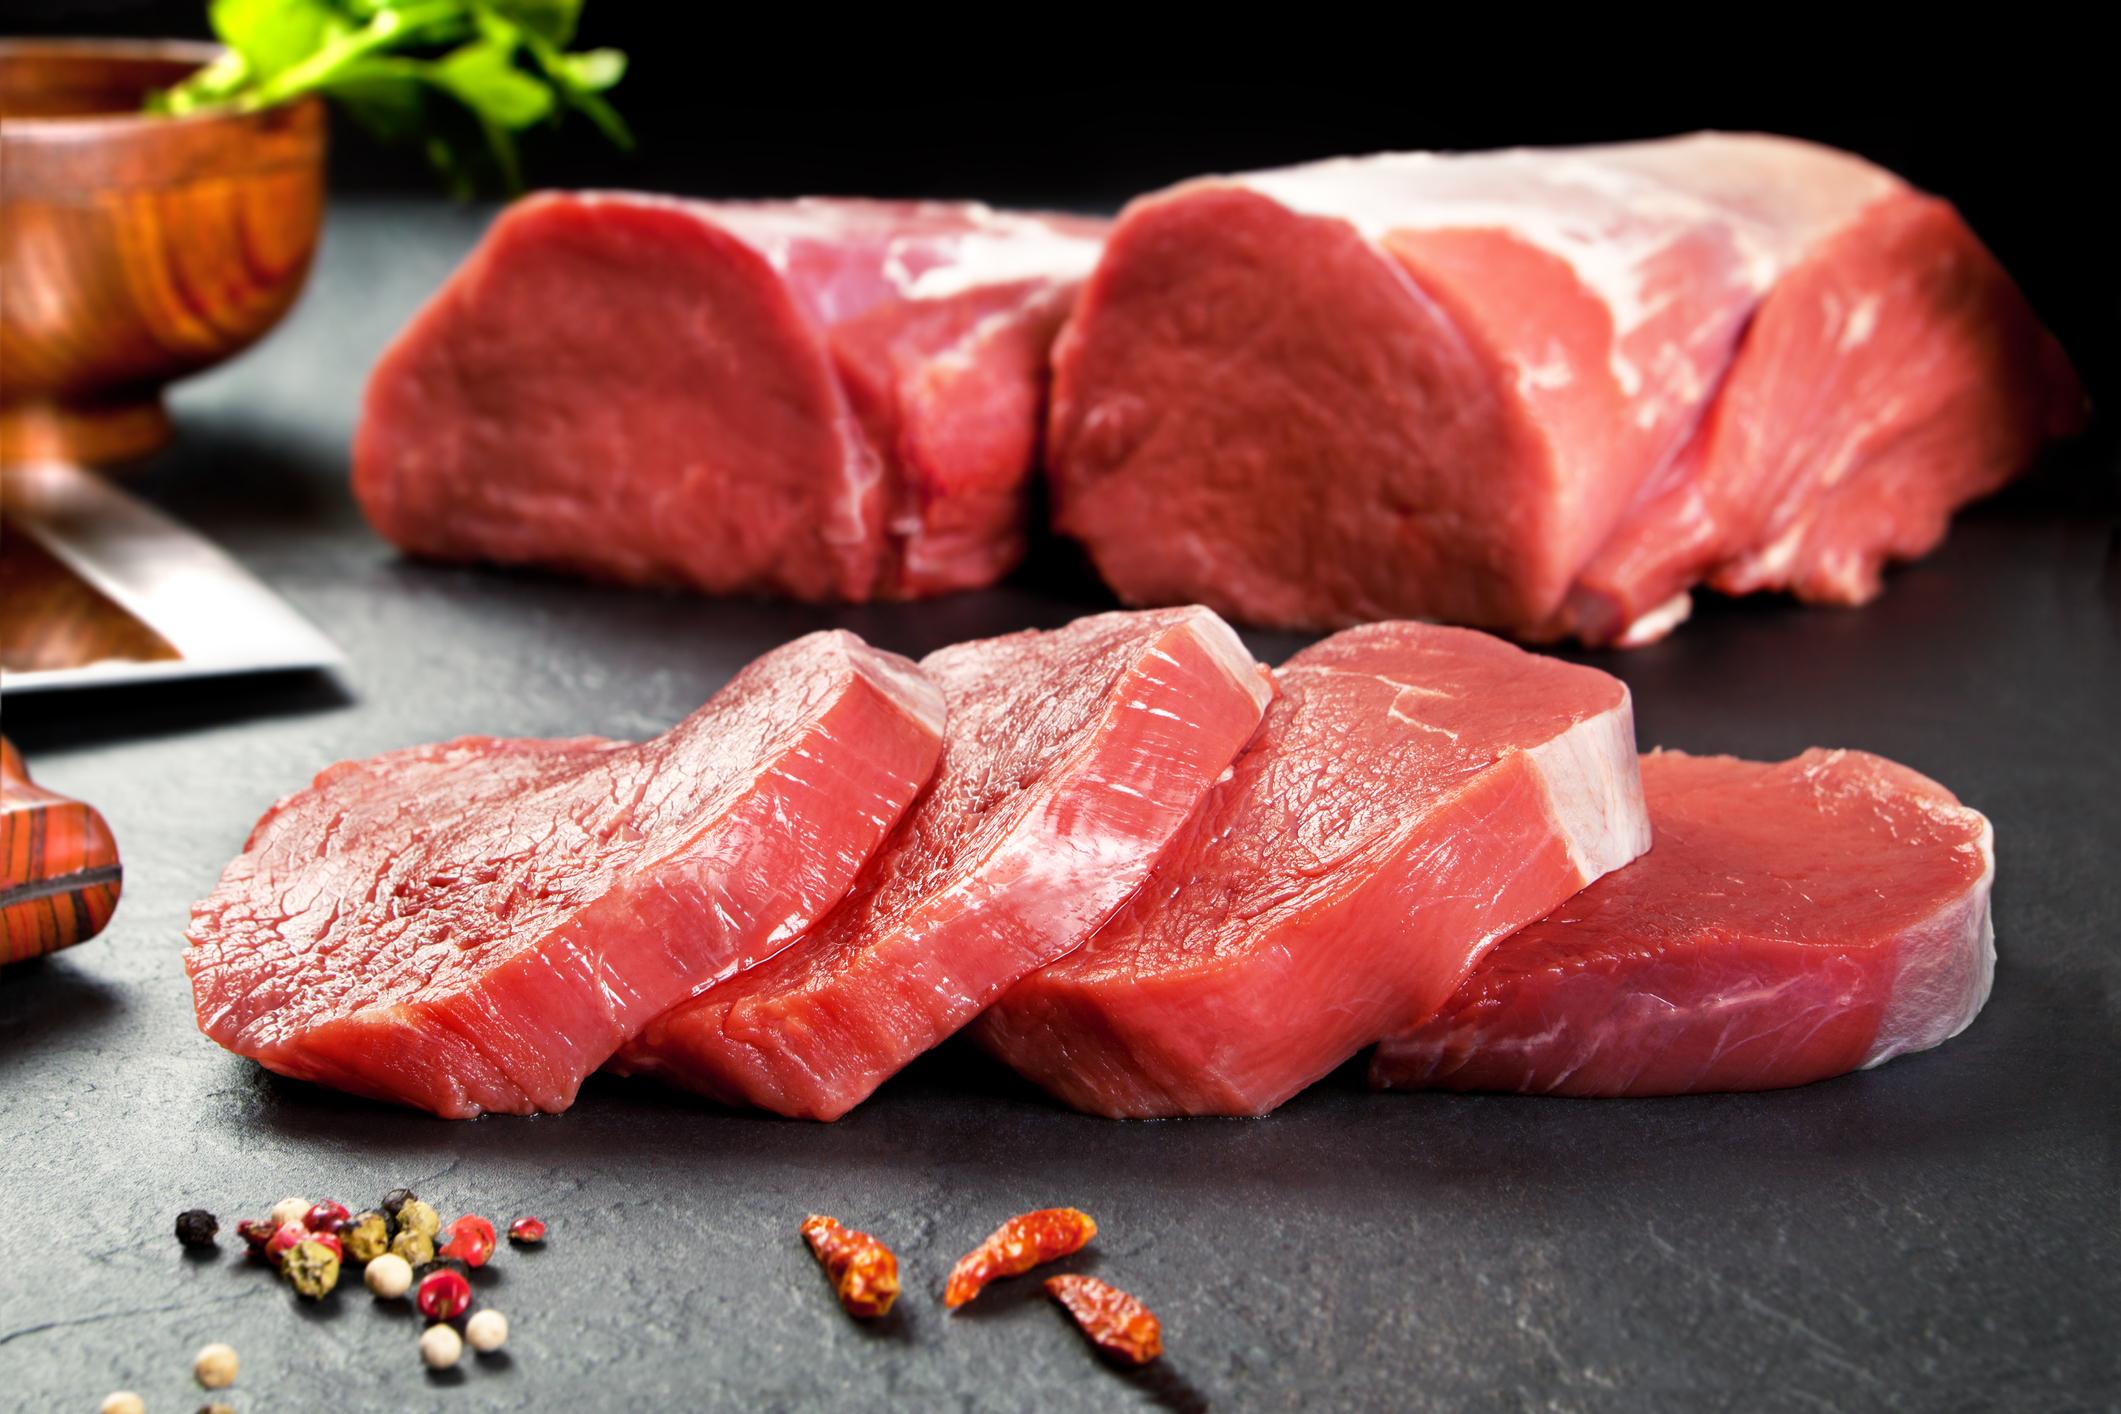 Телешкото месо, замразено на цели парчета, има срок на съхранение от 6 до 8 месеца. Телешките пържоли пък се замразяват, нарязани с дебелина около 2 см и опаковани отделно във фолио. Когато решите да размразявате телешките продукти, знайте, че само целите парчета се нуждаят от пълно размразяване.